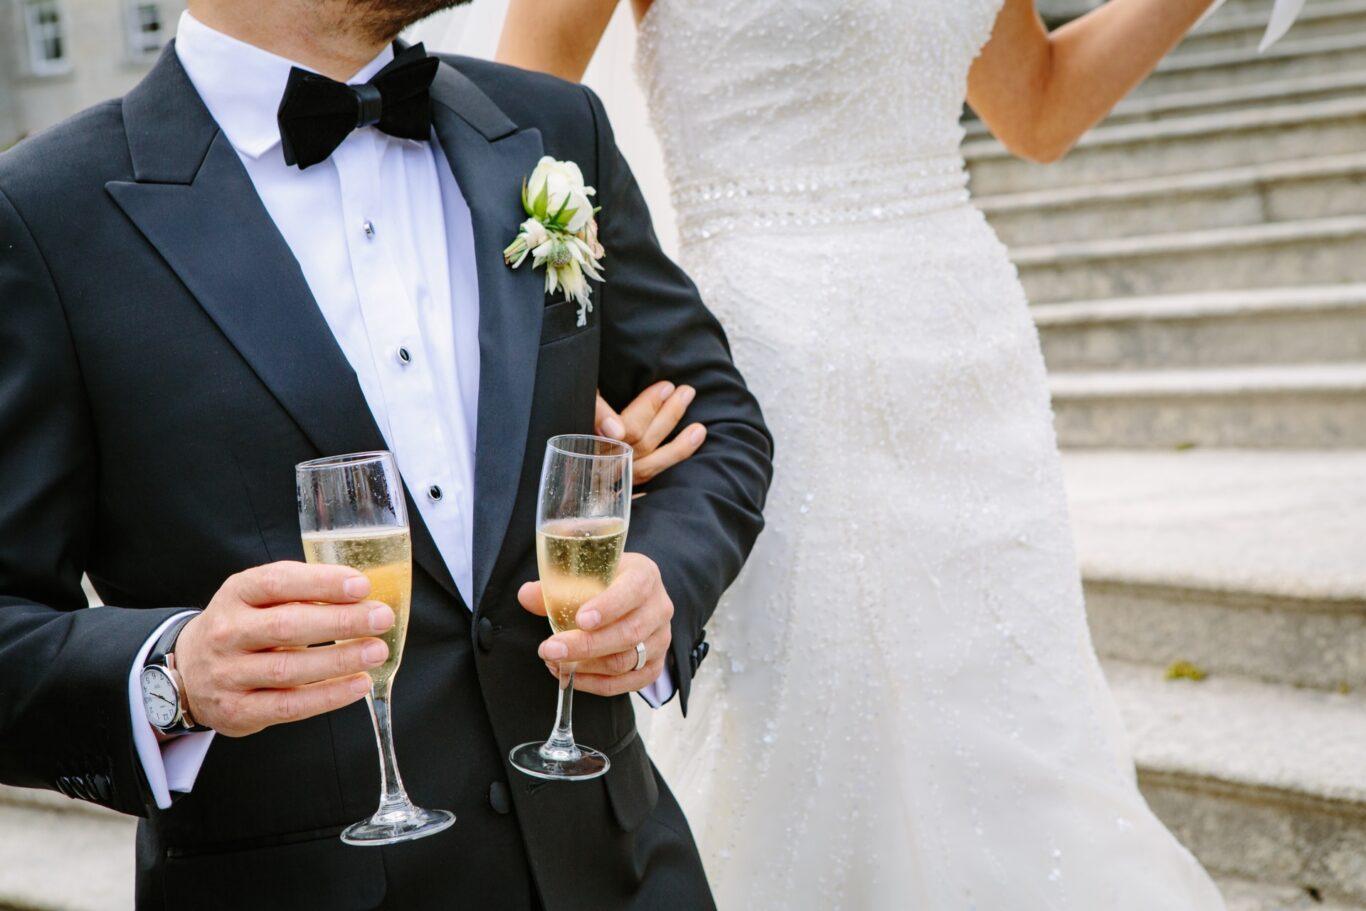 Σαμπάνια και ποτά στο γάμο για πρόποση